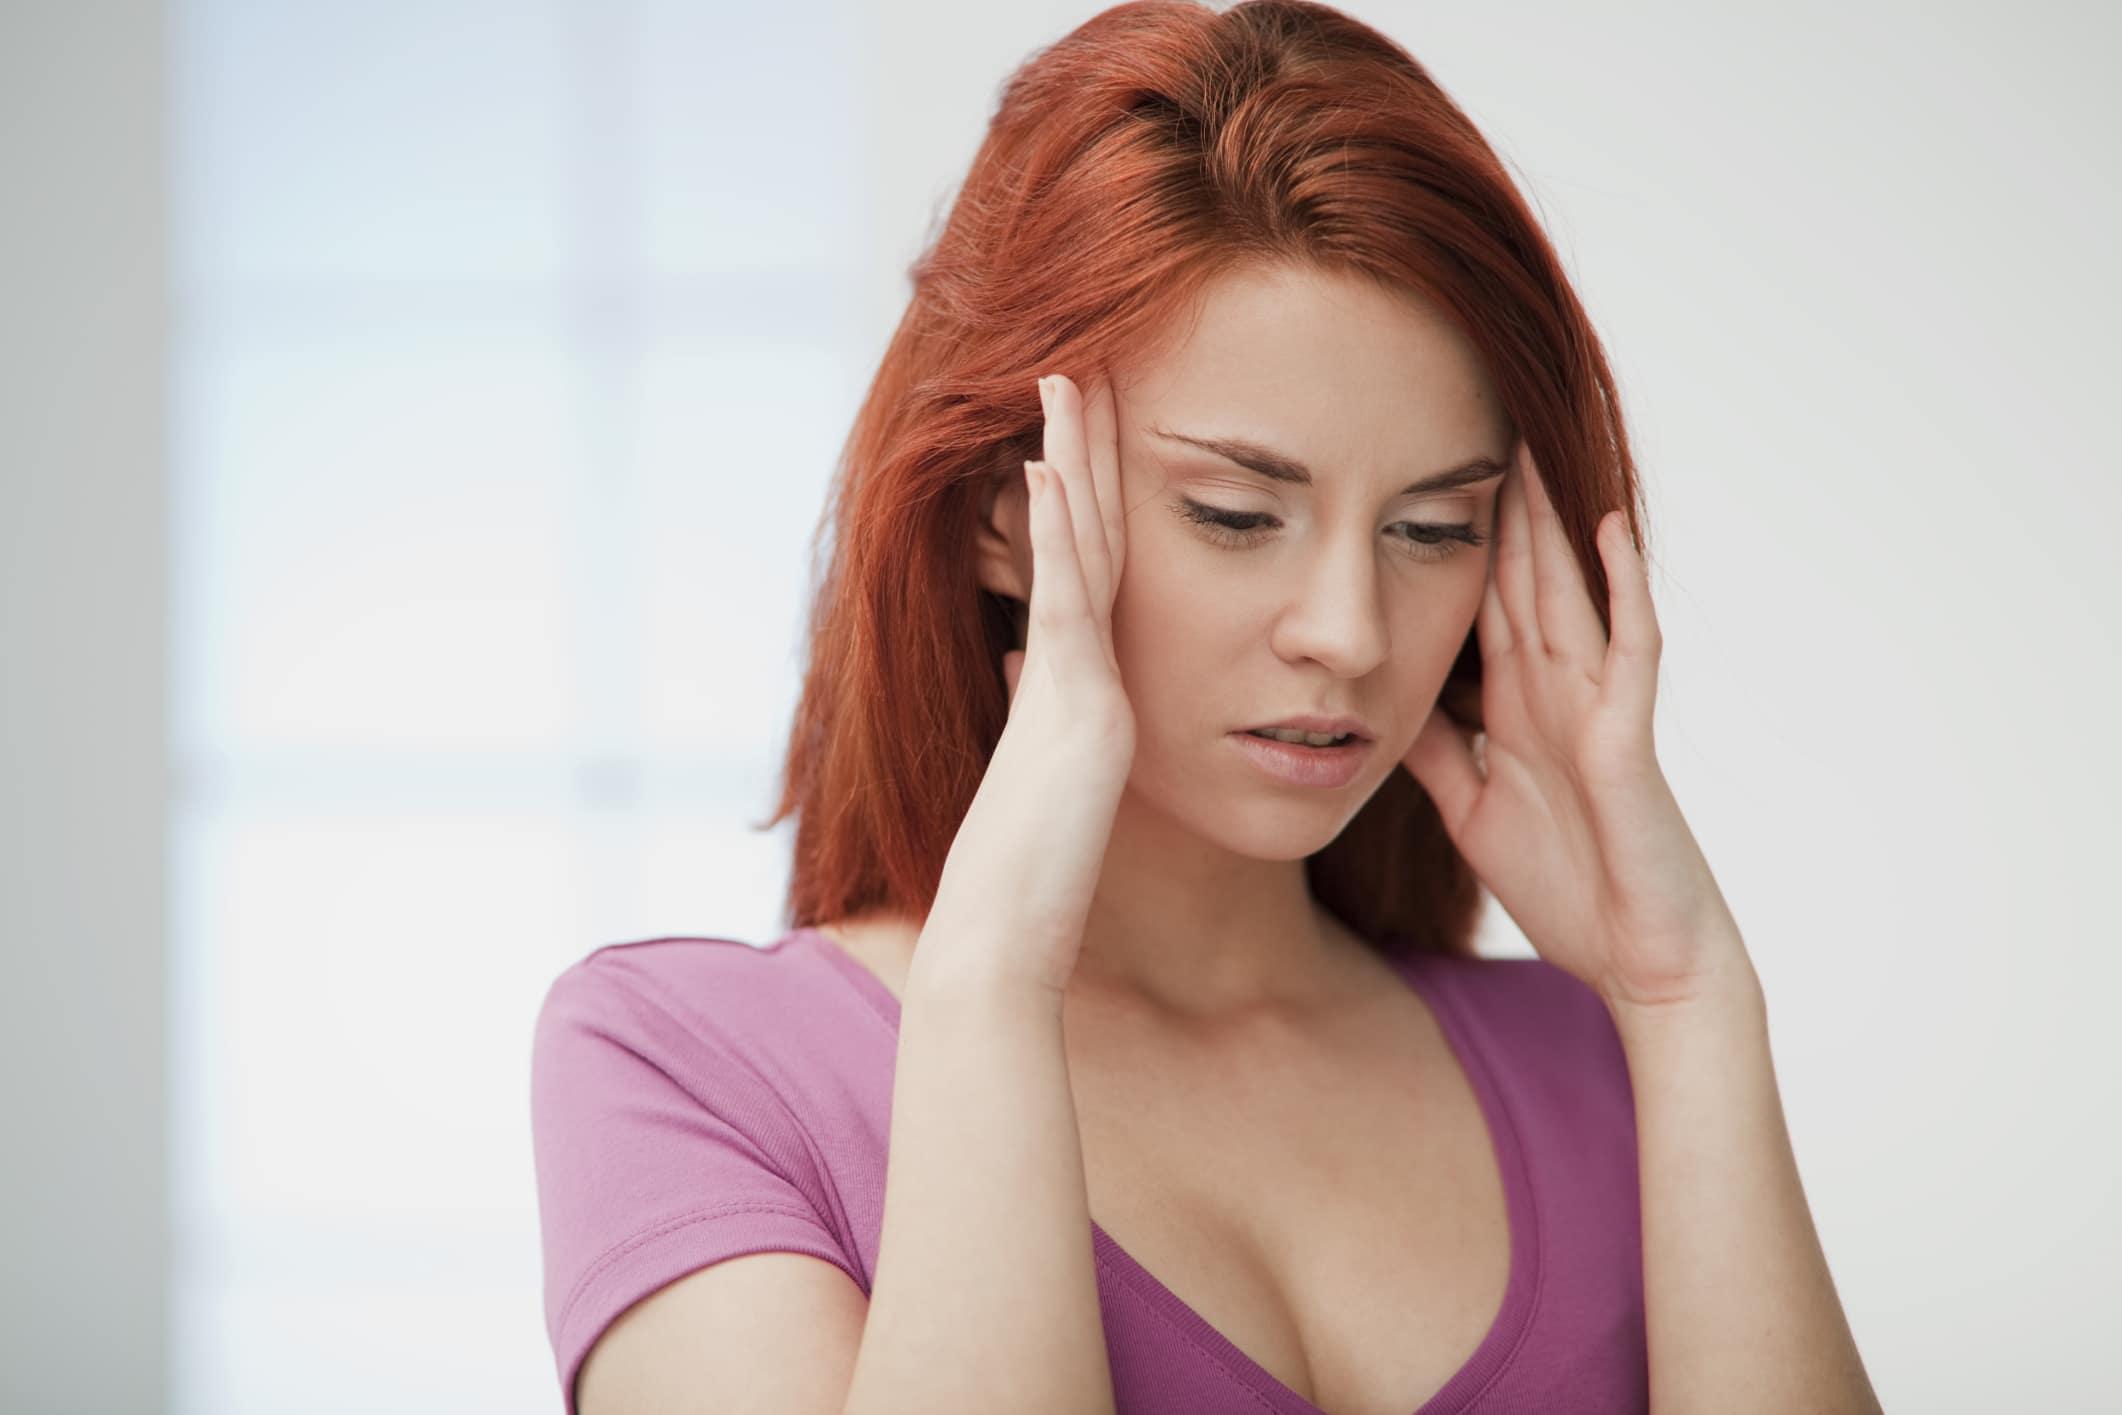 При дисфункции щитовидки появляется постоянное чувство усталости